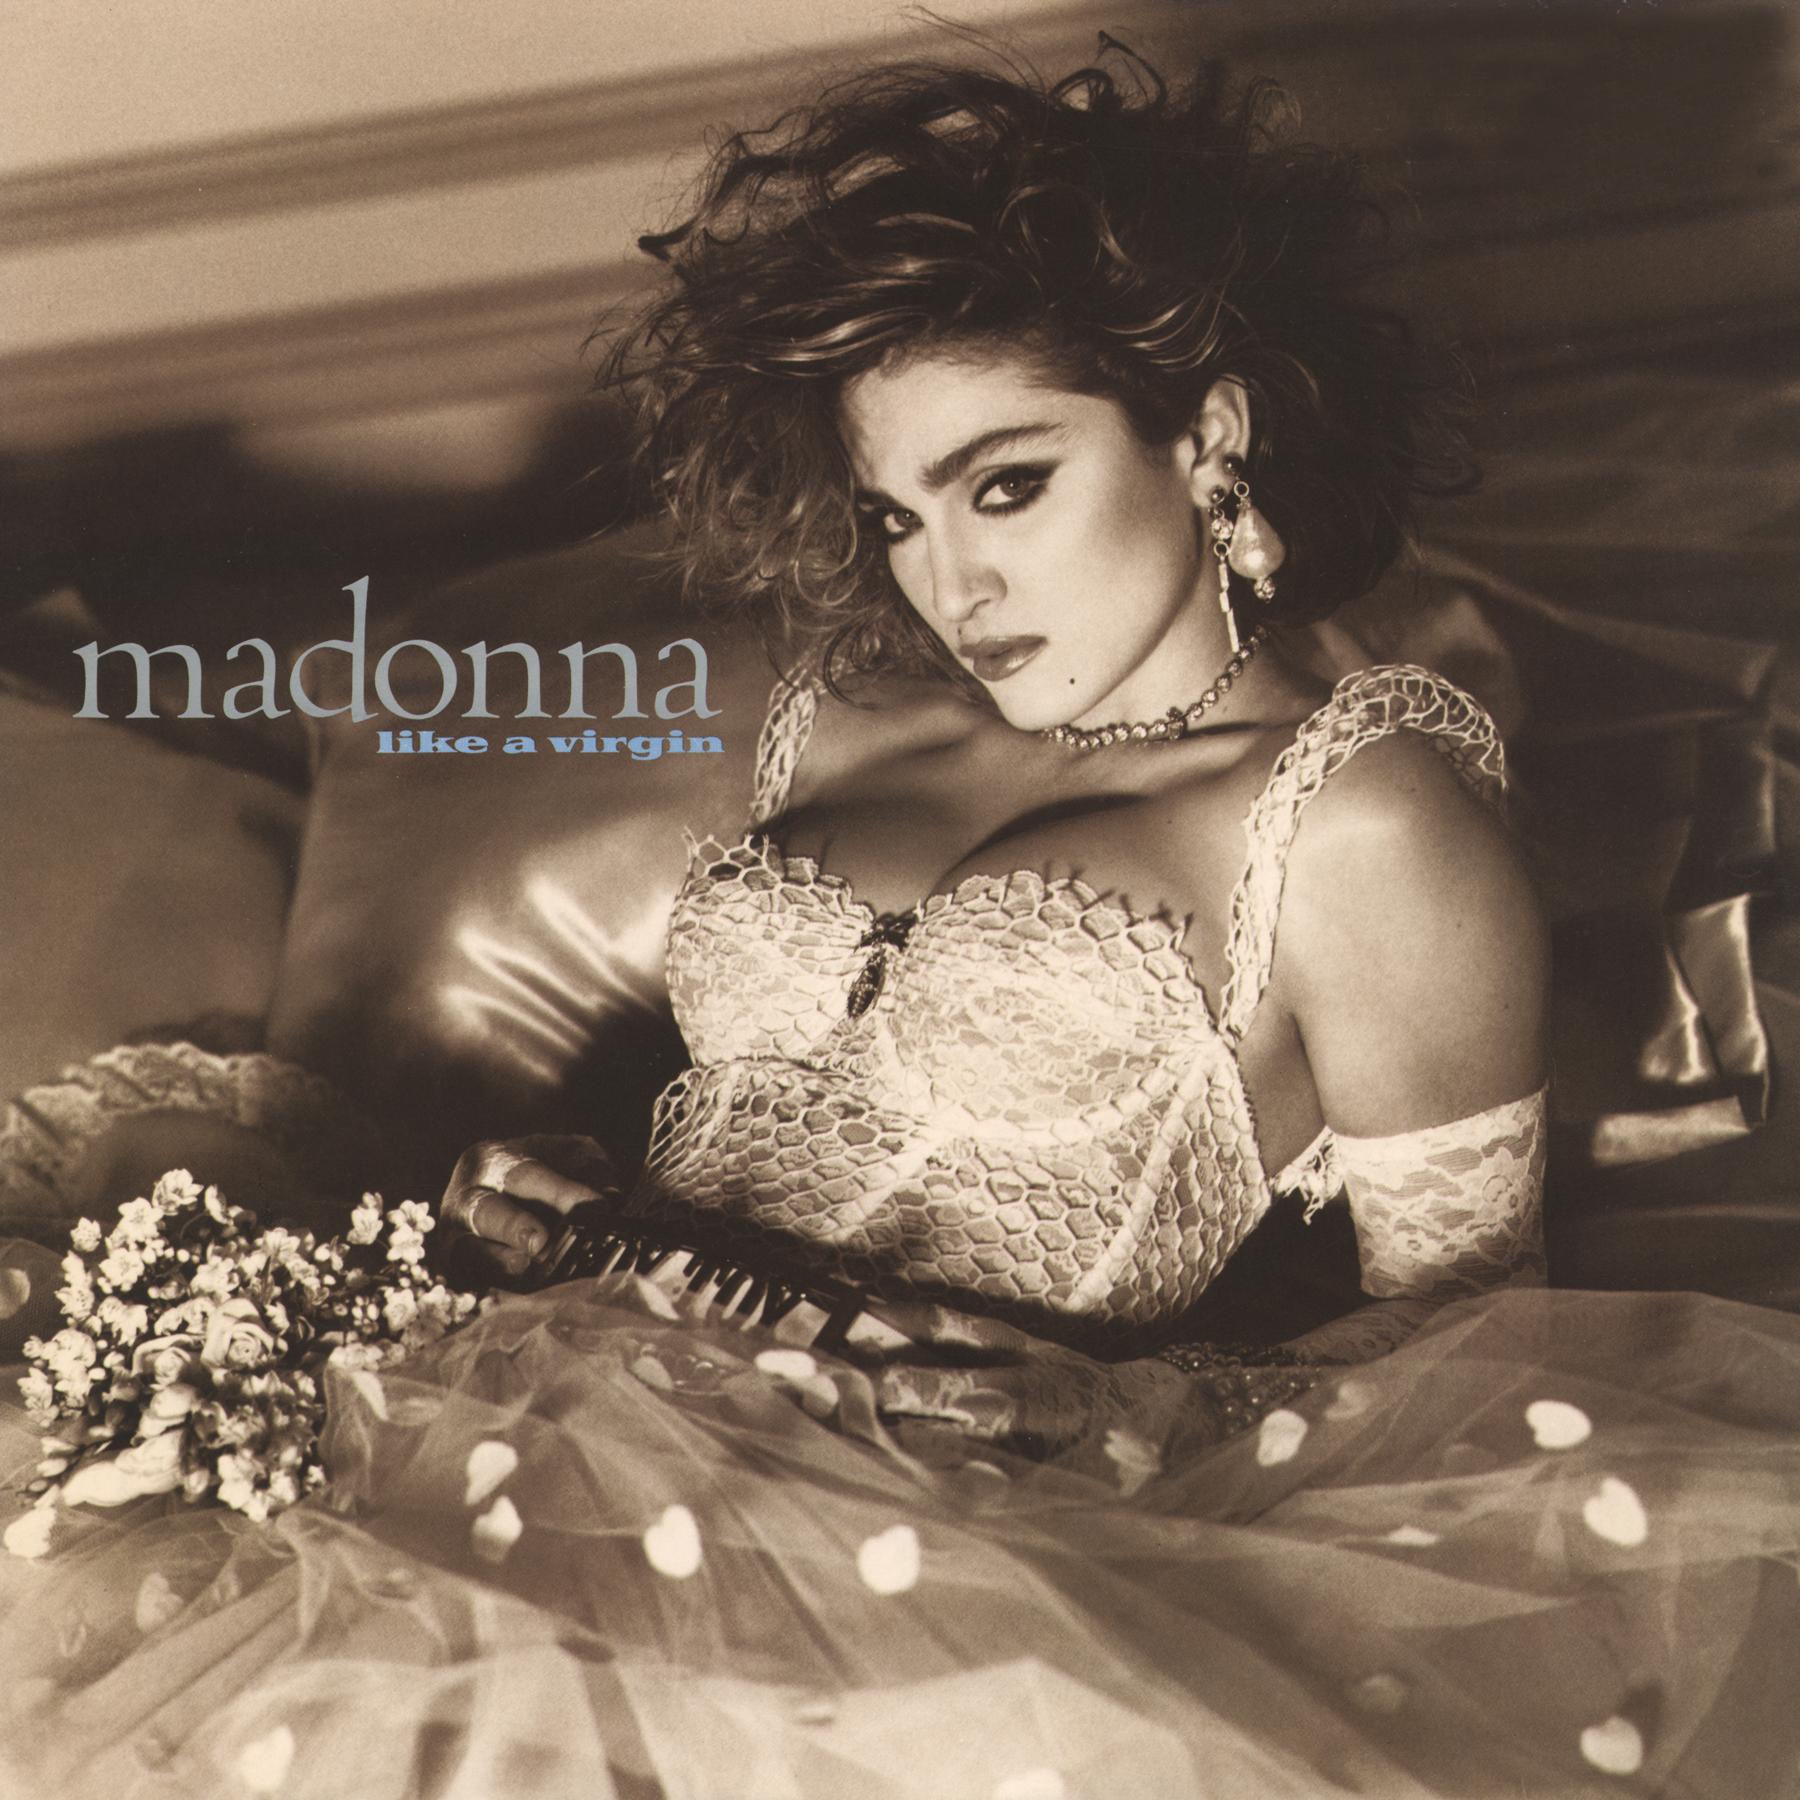 Madonna_Virgin.jpg